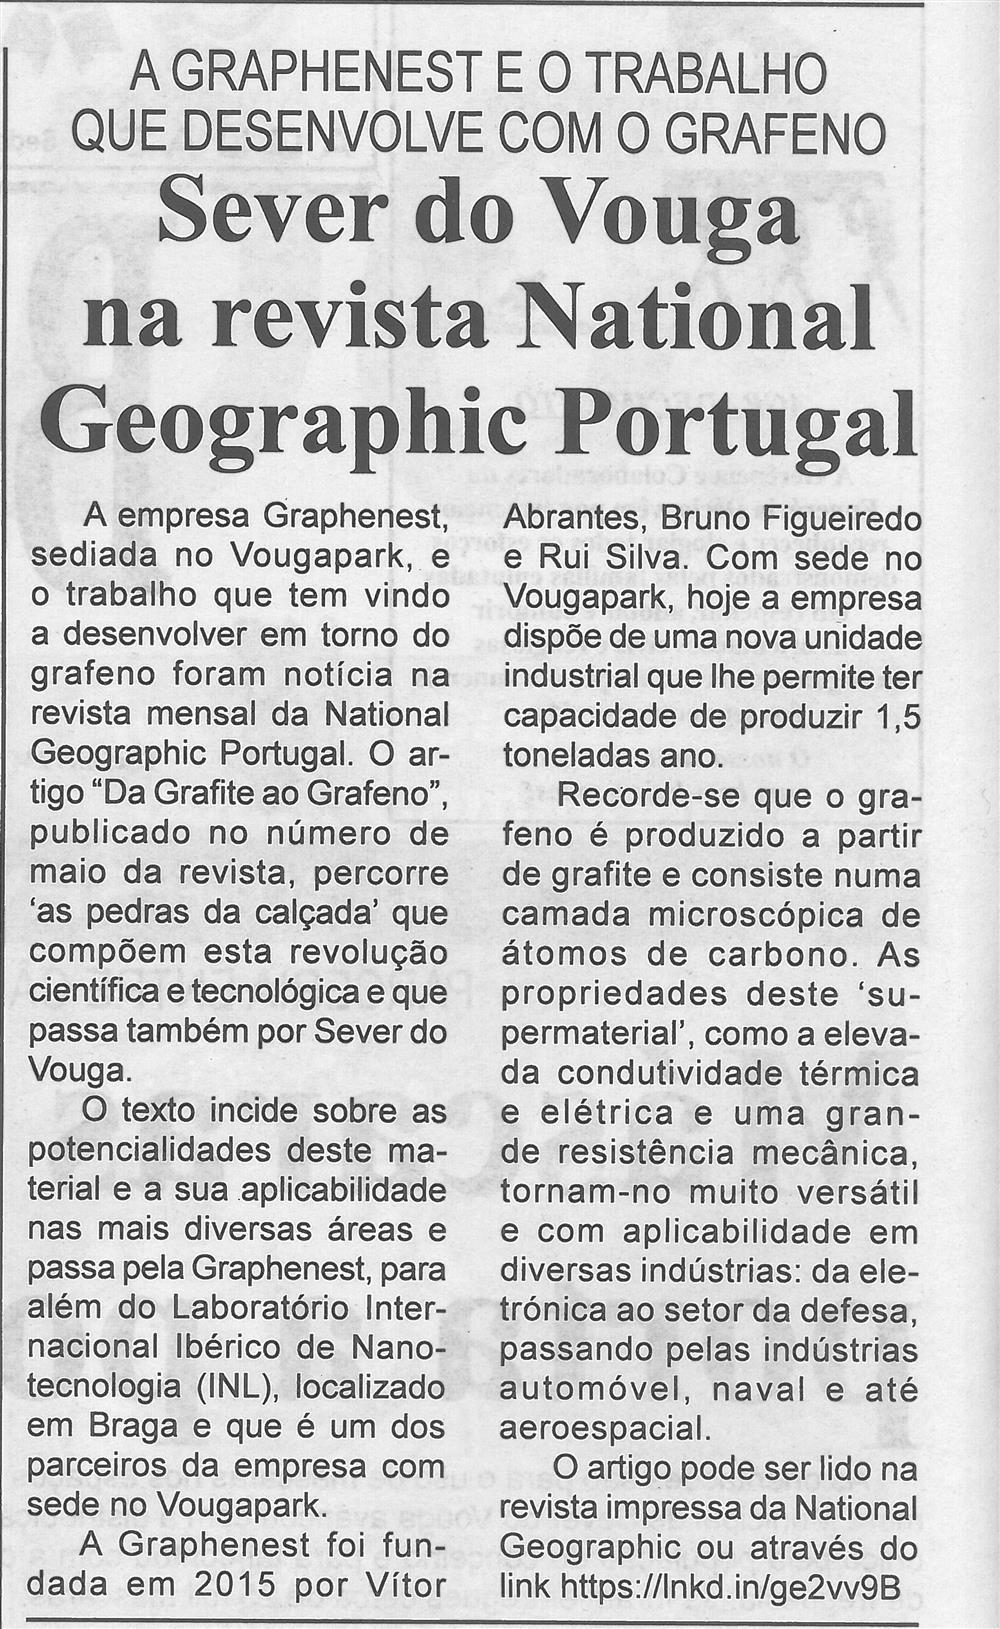 BV-1.ªmaio'20-p.2-Sever do Vouga na revista National Geographic Portugal : a Graphenest e o trabalho que desenvolve com o grafeno.jpg